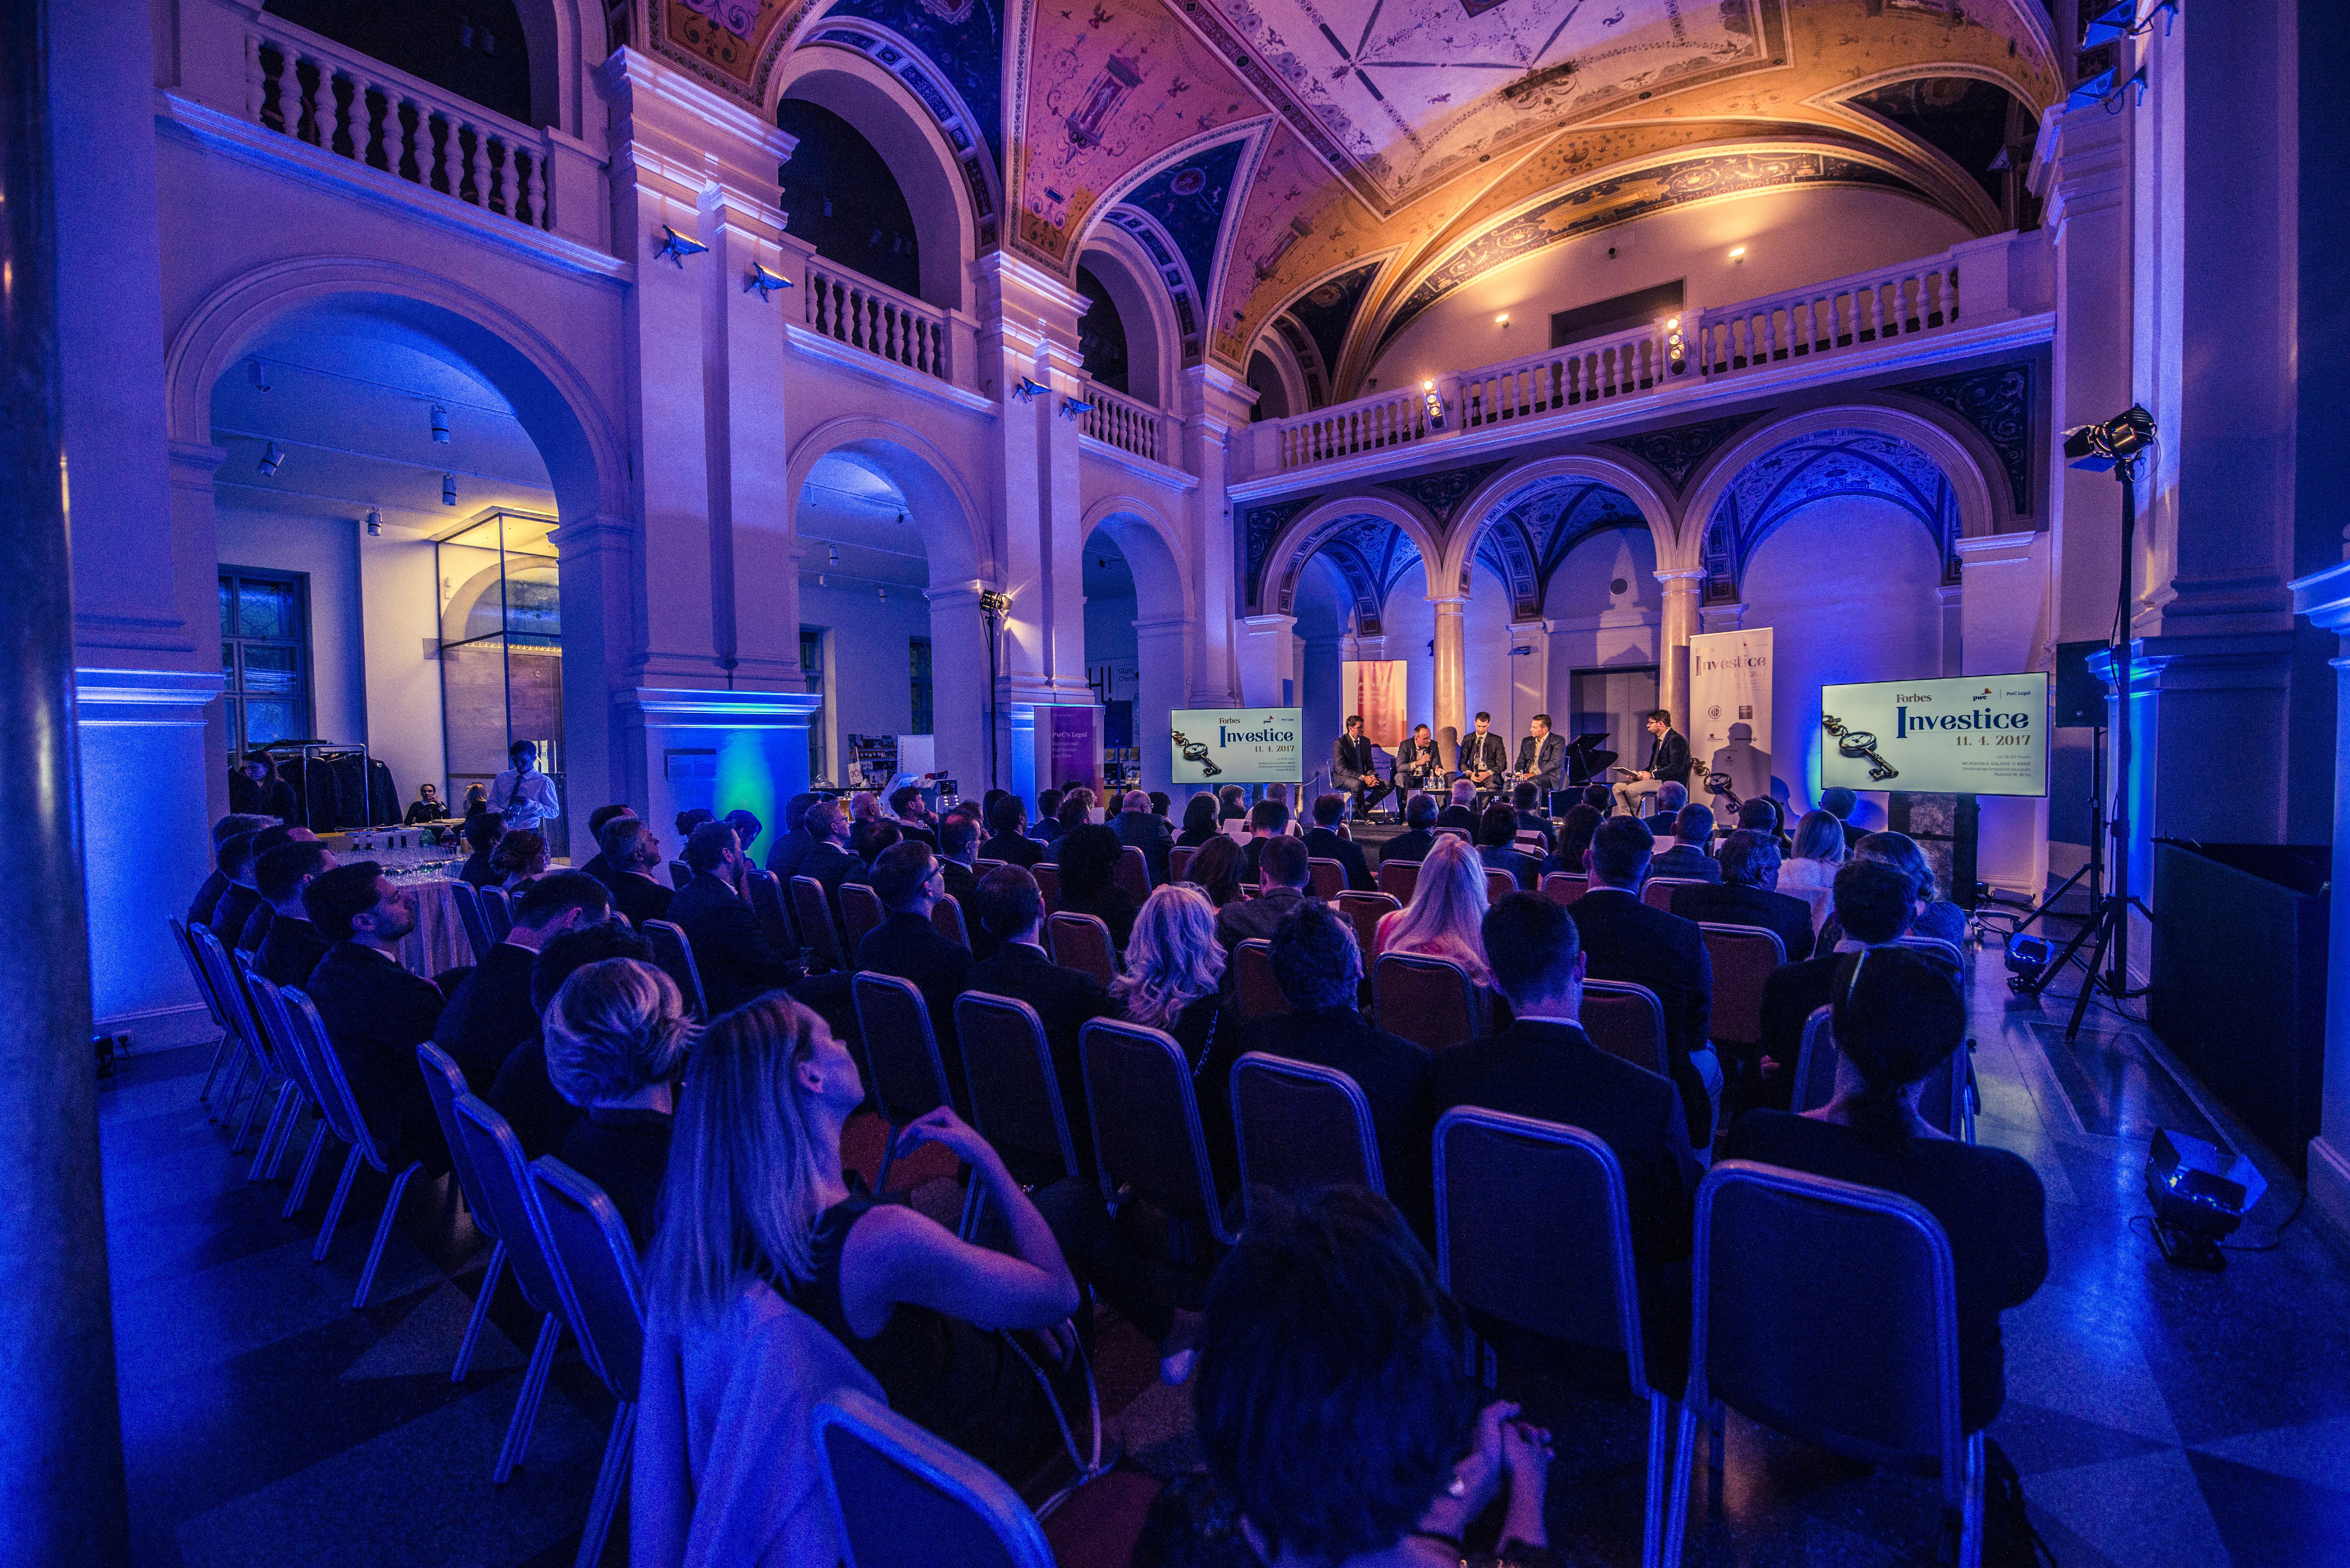 Večer Forbes Investice se historicky poprvé konal v Brně. Konkrétně v Moravské galerii, v budově Uměleckoprůmyslového muzea.